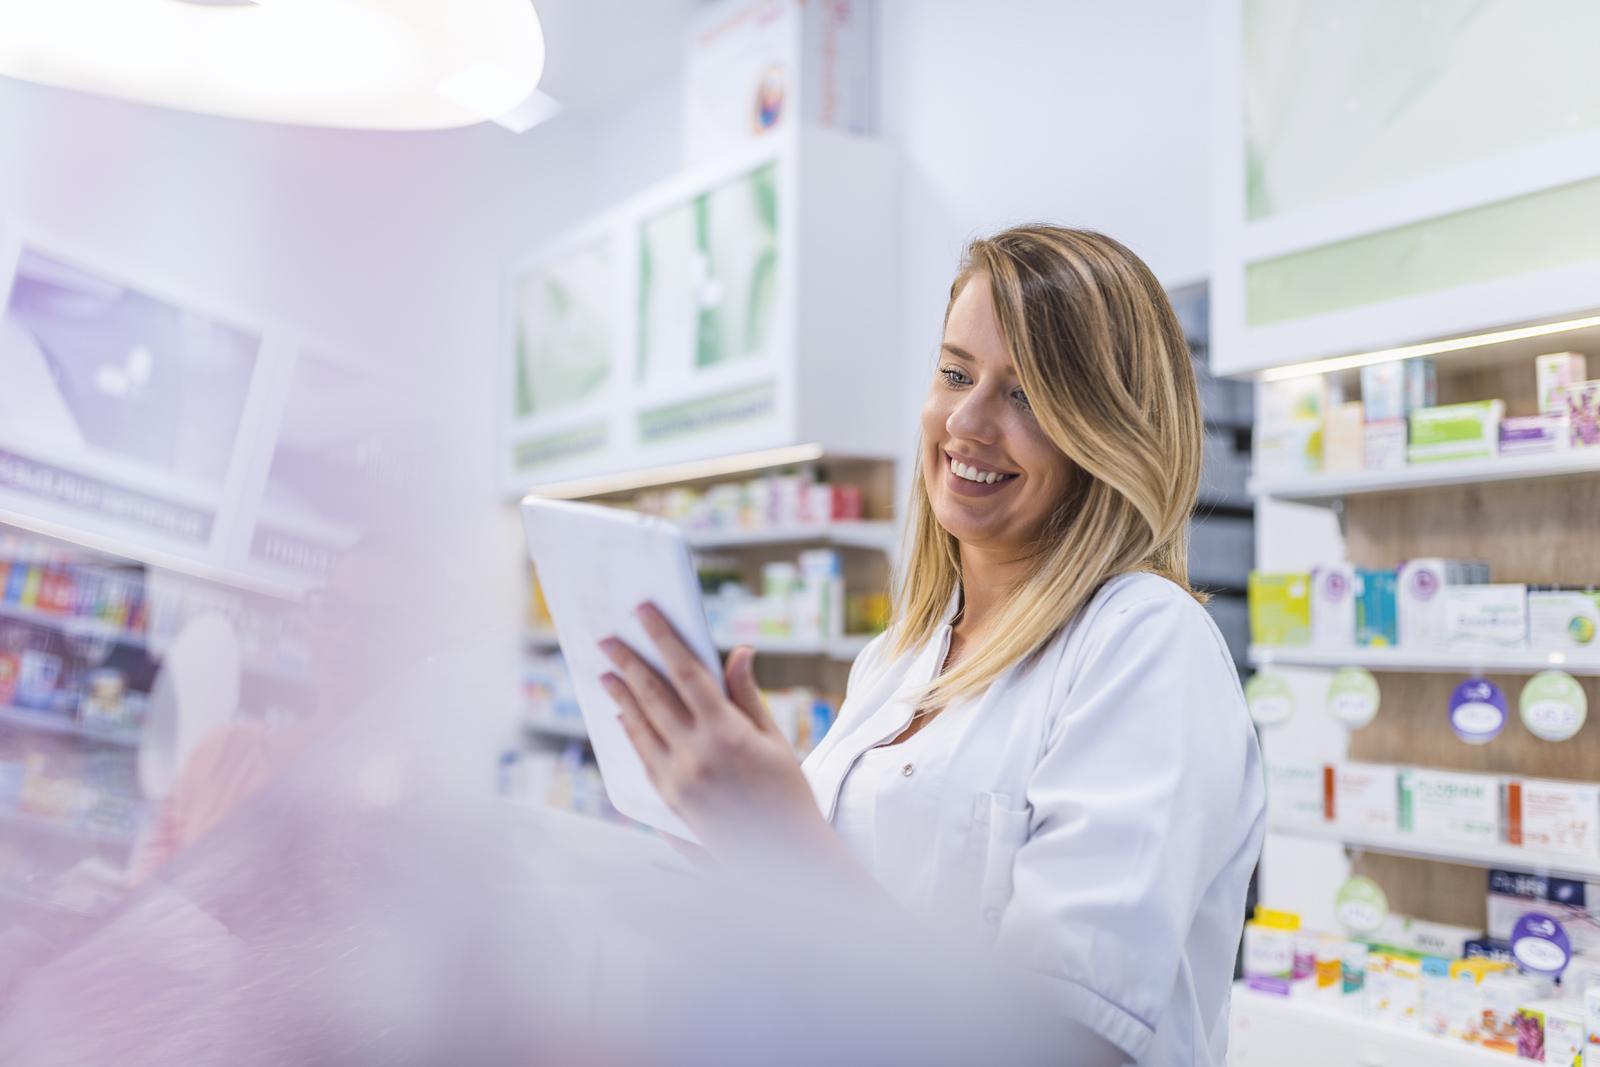 Digitalizzazione delle farmacie